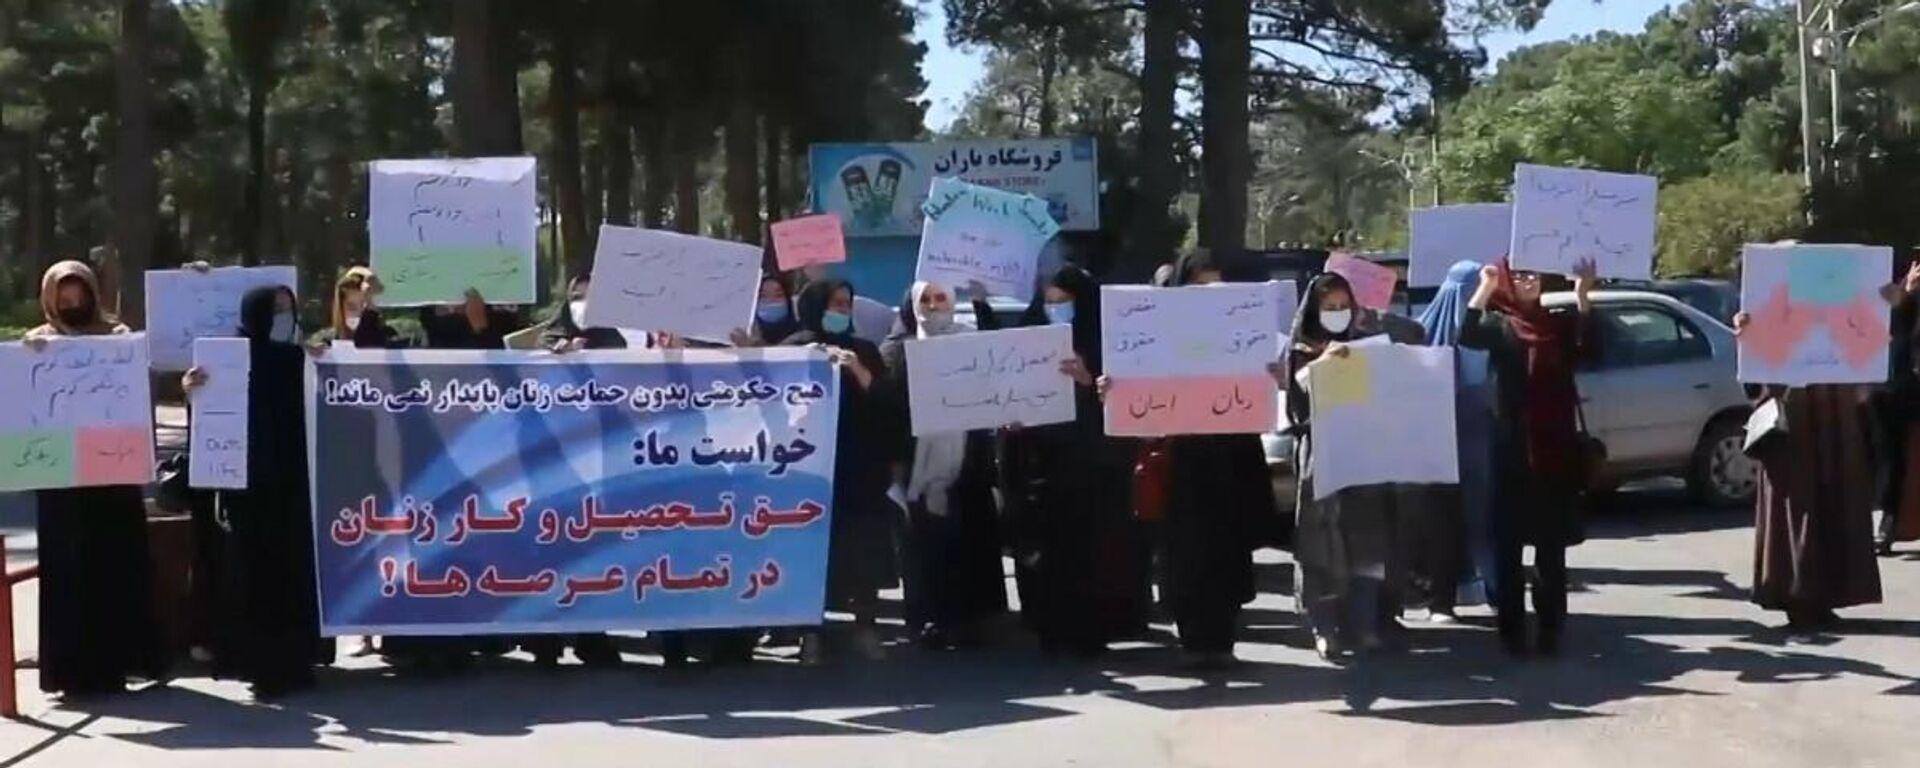 Herat: donne manifestano contro l'esclusione dalla politica sotto il dominio dei talebani - Sputnik Italia, 1920, 03.09.2021